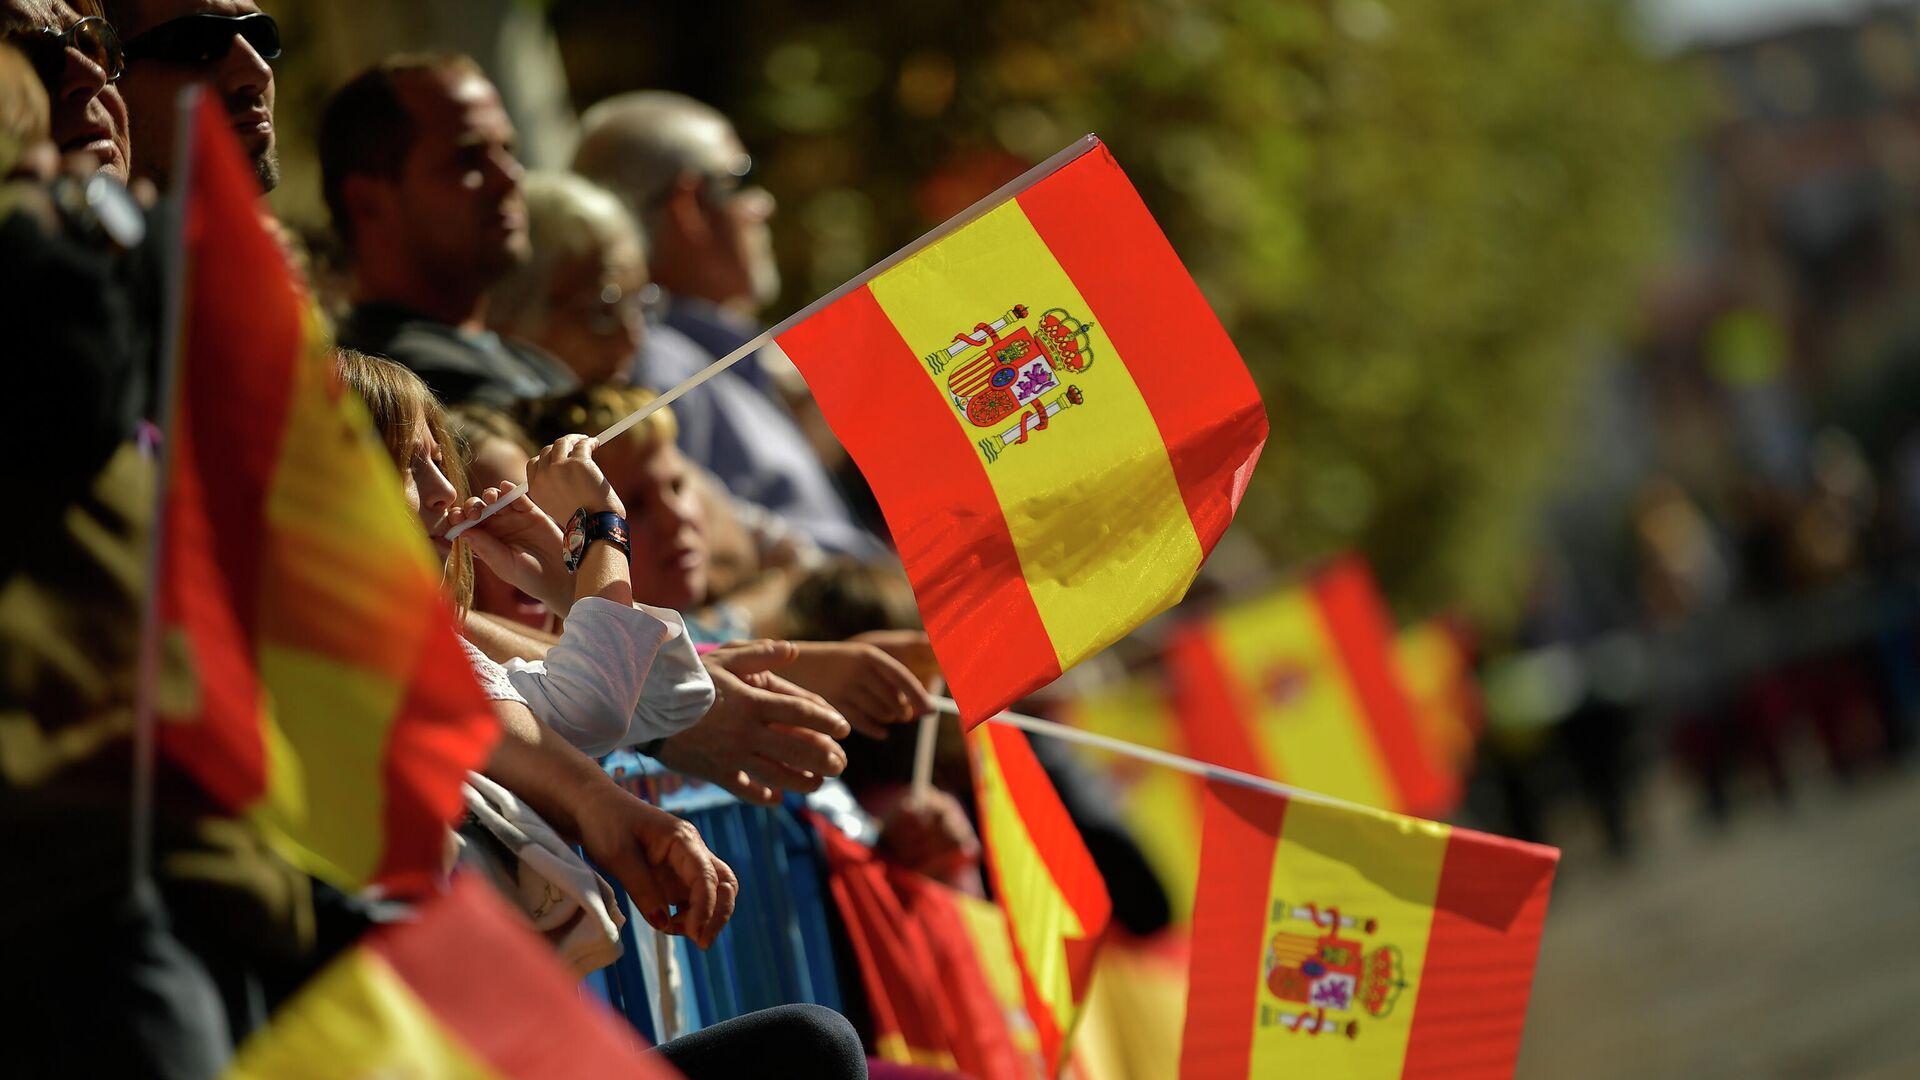 Festejo del Día de la Hispanidad en España - Sputnik Mundo, 1920, 12.10.2021